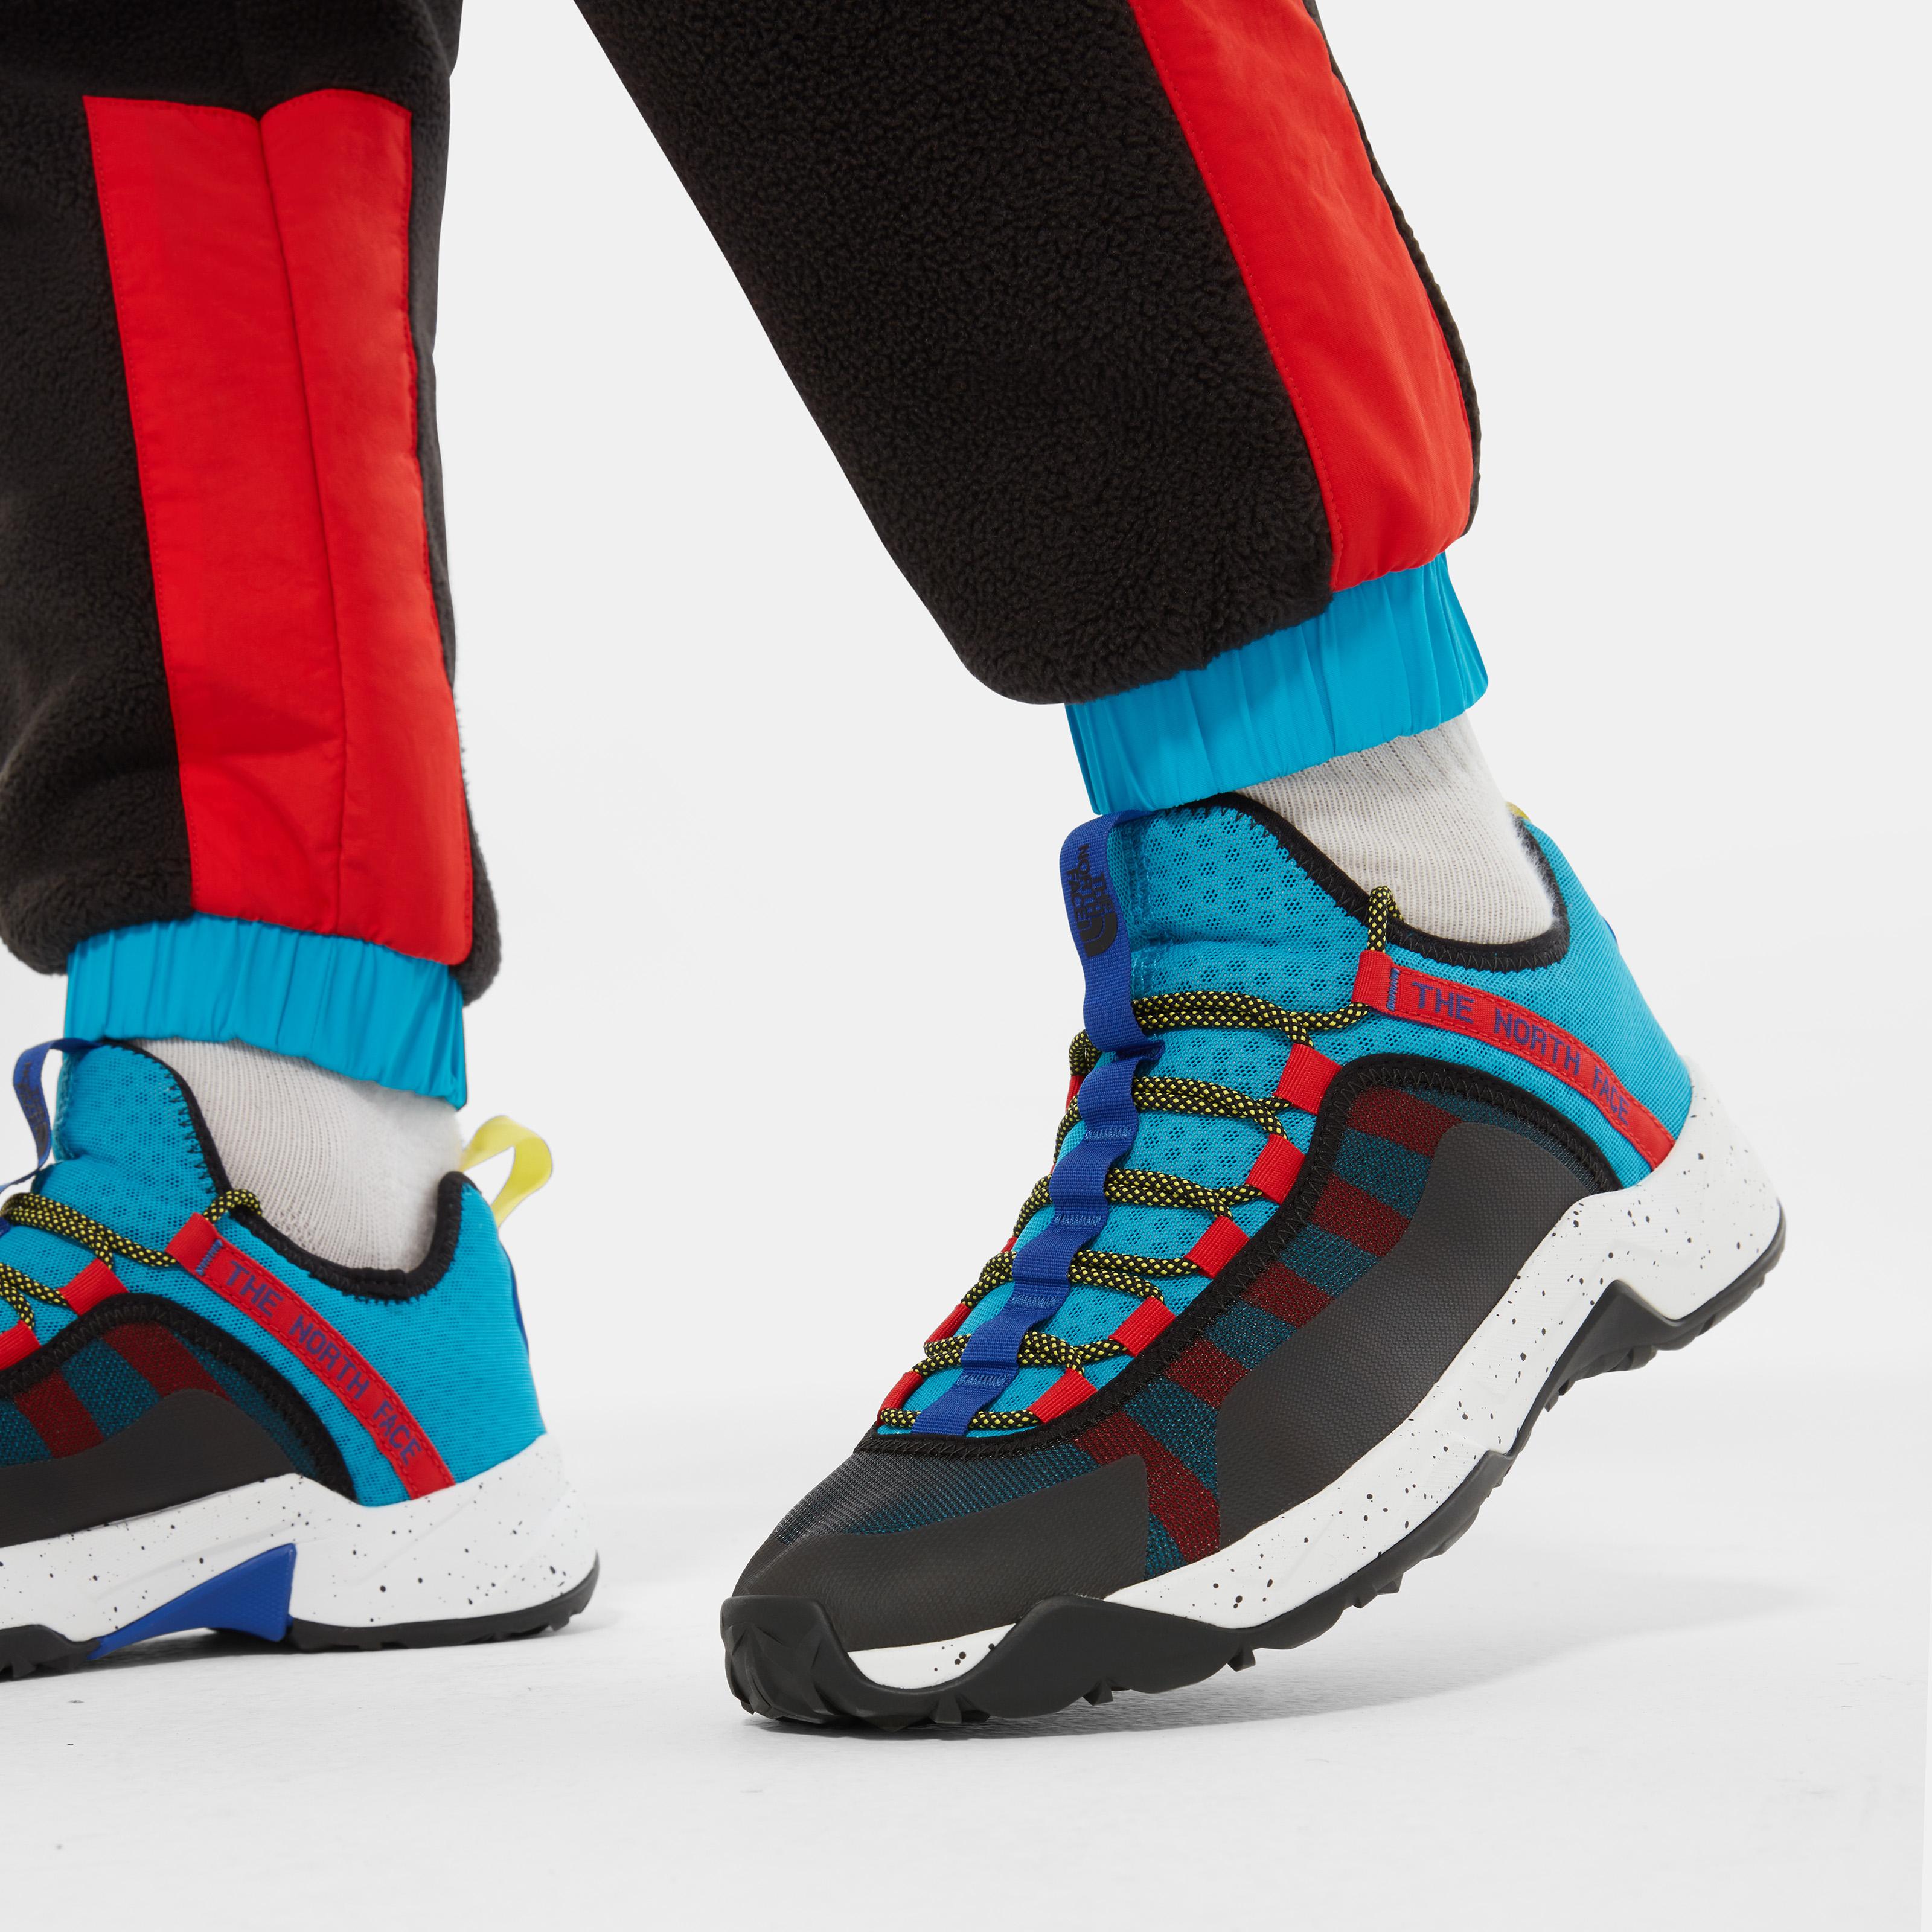 Мужские кроссовки Trail Escape Peak Shoes фото